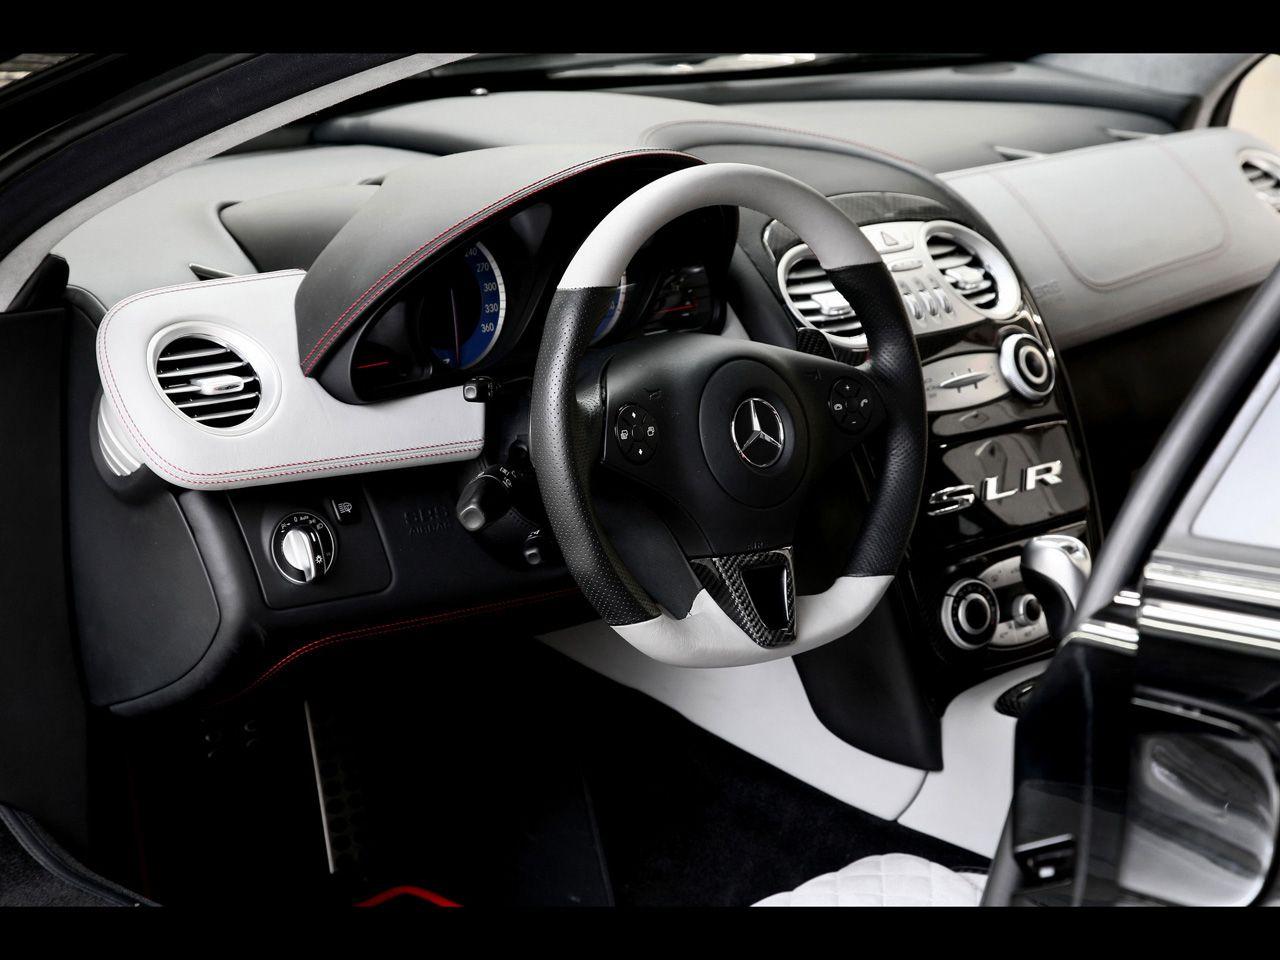 2012 Wheelsandmore Mercedes Benz Slr Mclaren 722 Epochal